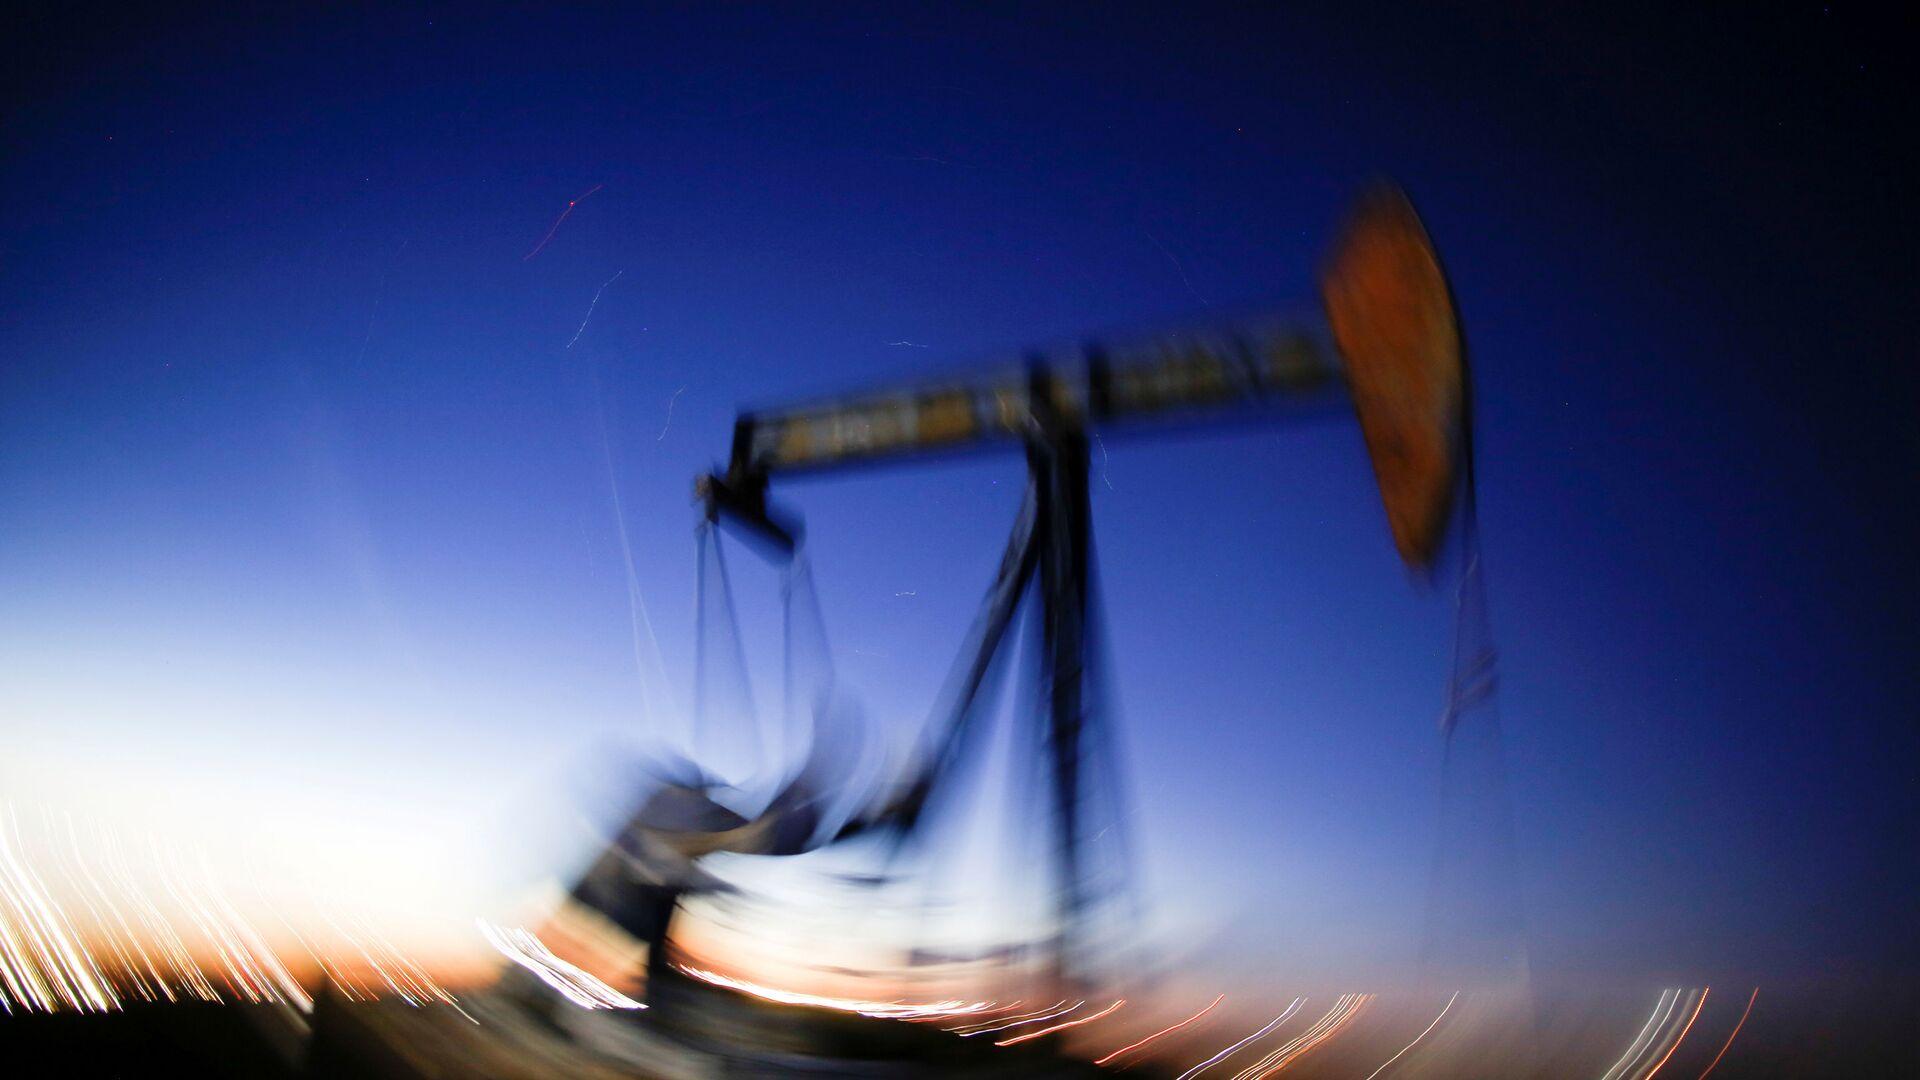 ABD'nin Teksas eyaletinde ham petrol çıkaran bir pompa - Sputnik Türkiye, 1920, 27.09.2021